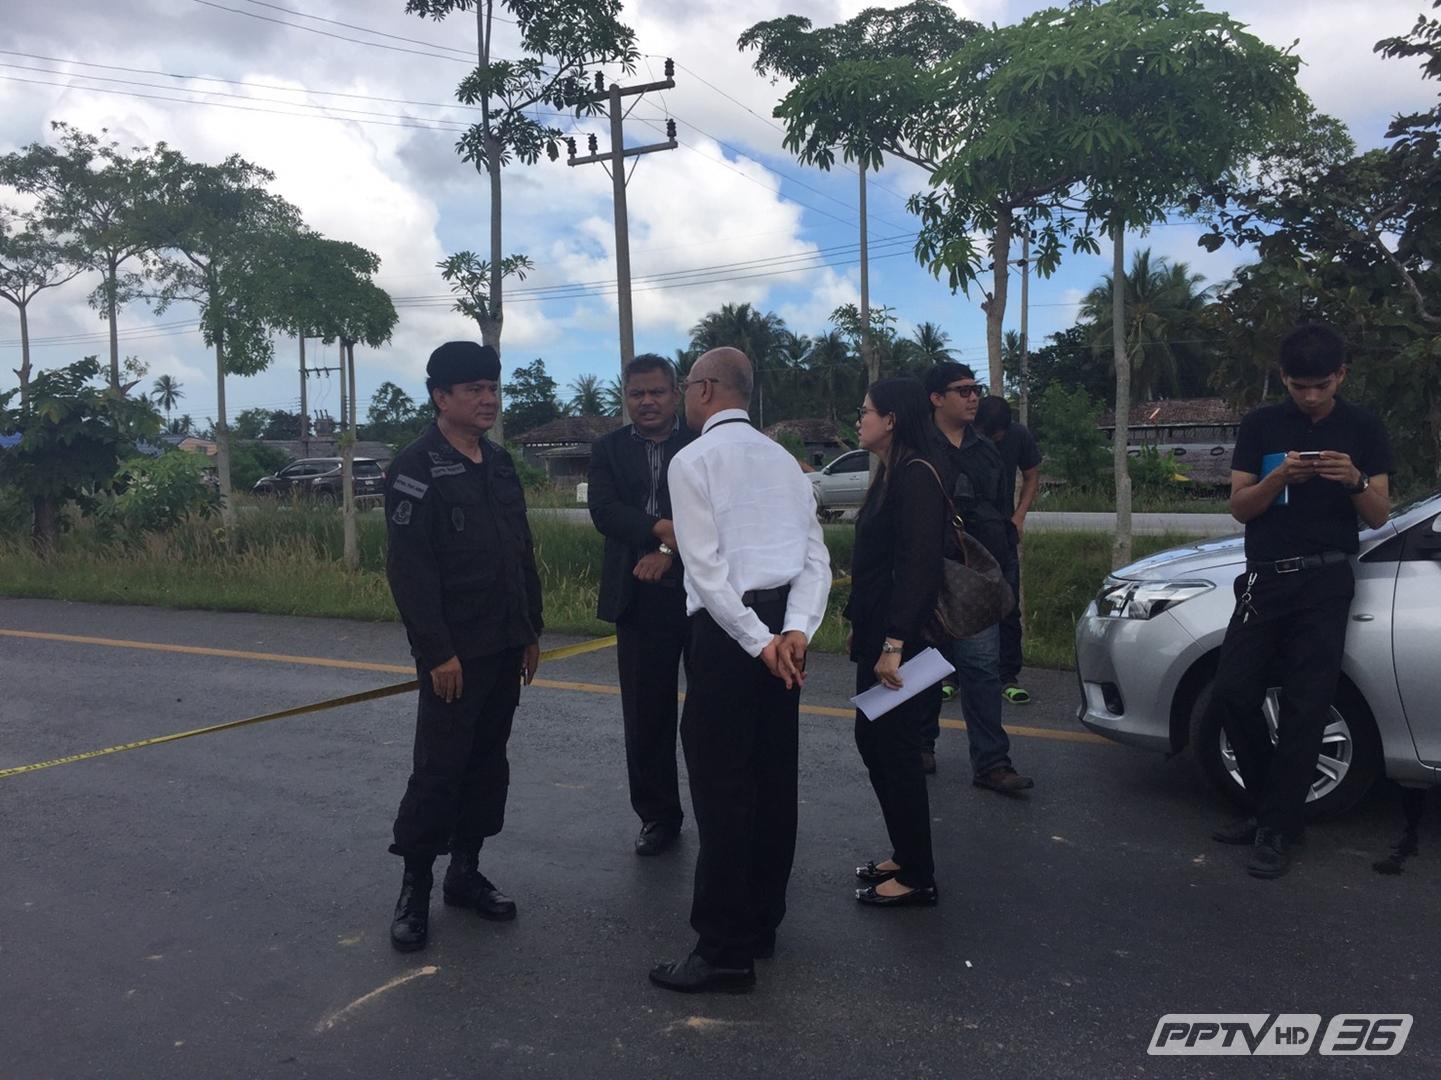 พยานเห็น 2 คนร้ายจุดไฟเผา-วางระเบิดปั๊มน้ำมันปัตตานี (คลิป)